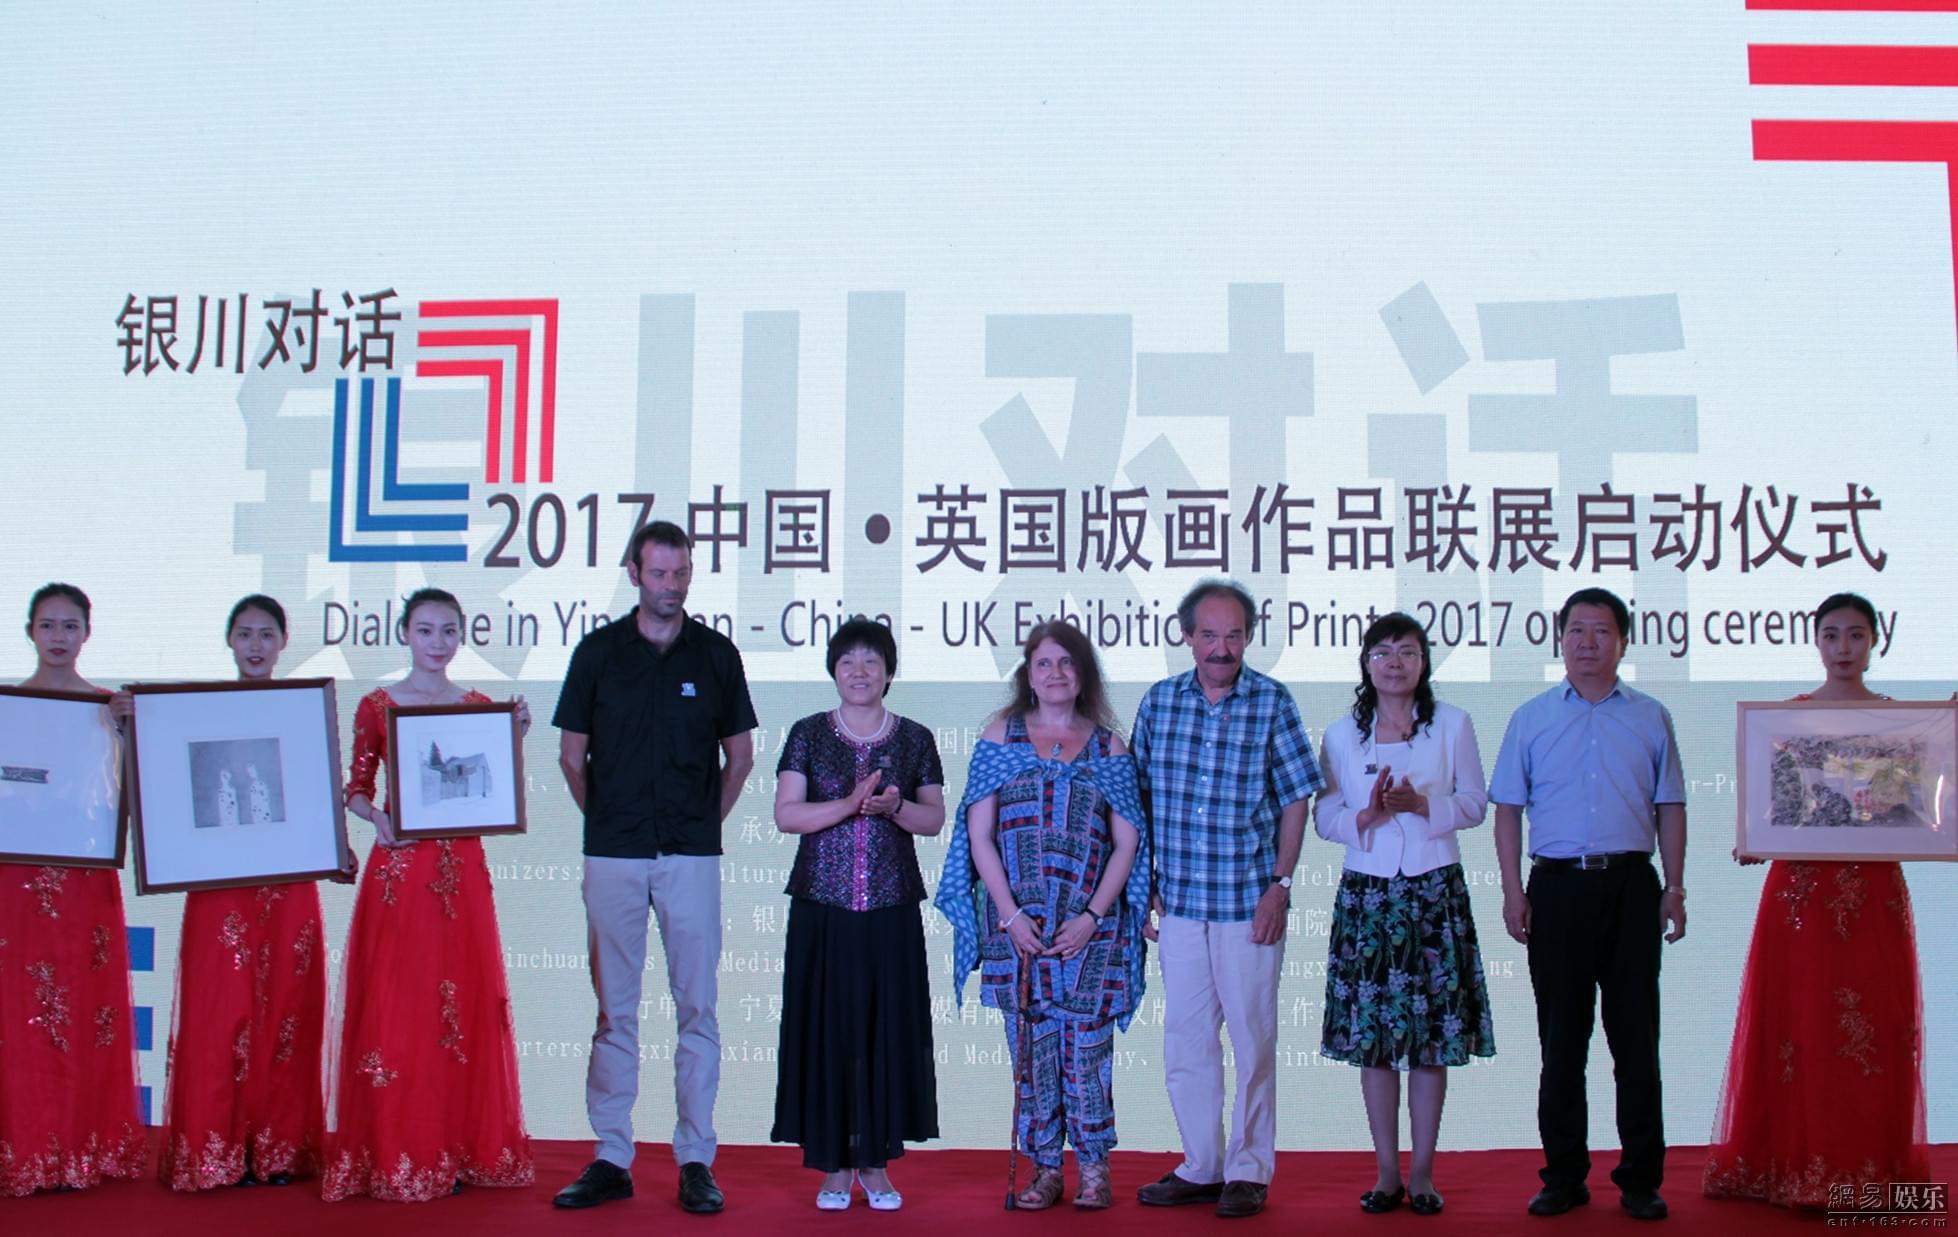 银川对话——2017中国·英国版画作品联展开幕